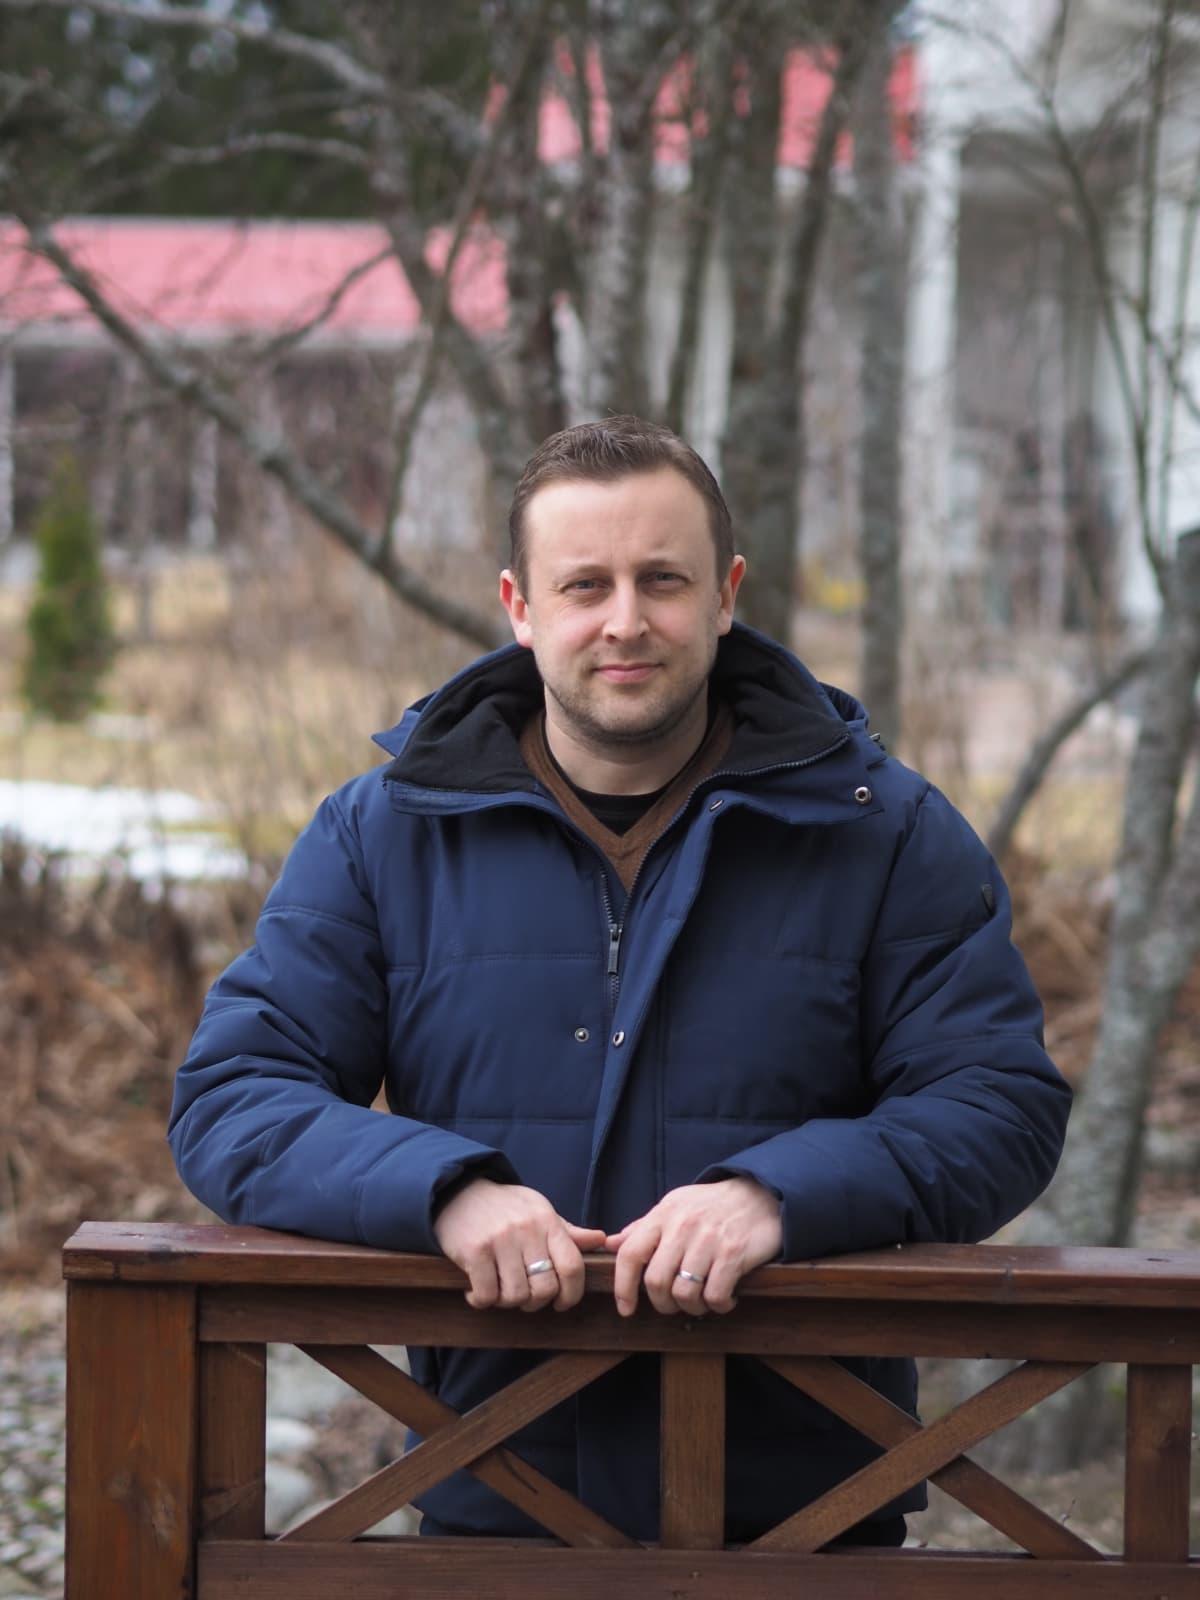 Valtio-opin dosentti Jouni Tilli nojaa puisen aidan kaiteeseen molemmilla käsillään, päällään tummansininen toppatakki. Taustalla syksyistä vesakkoa.